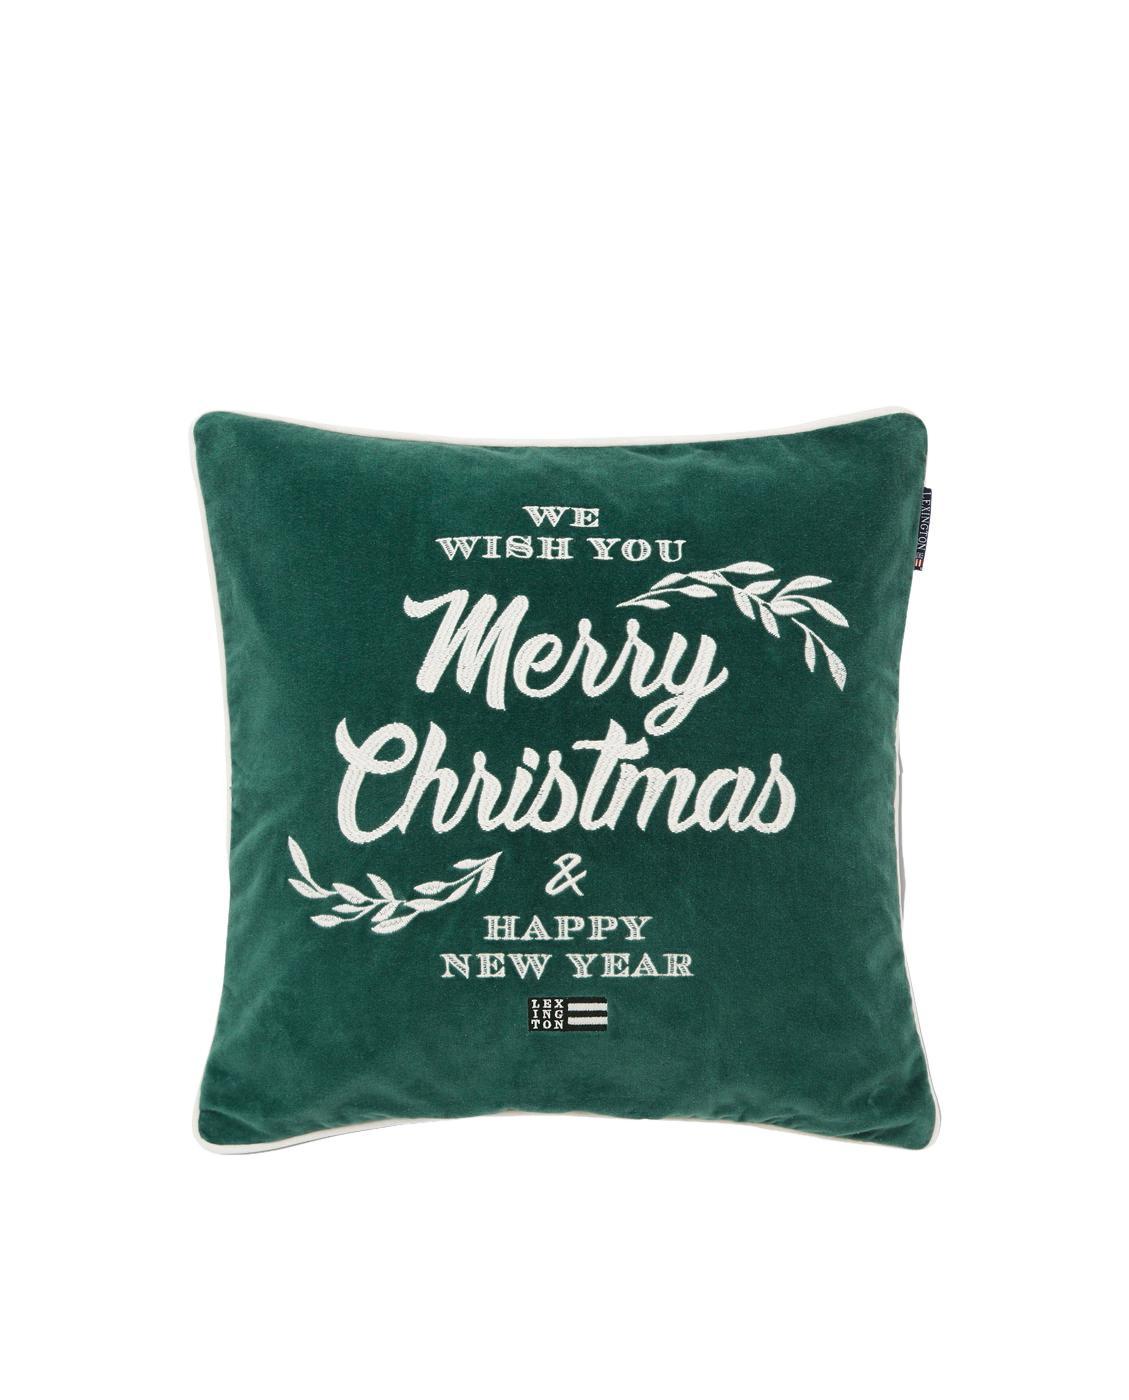 Fluwelen kussenhoes Merry Christmas met opschrift, Katoenfluweel, Wit, groen, 50 x 50 cm